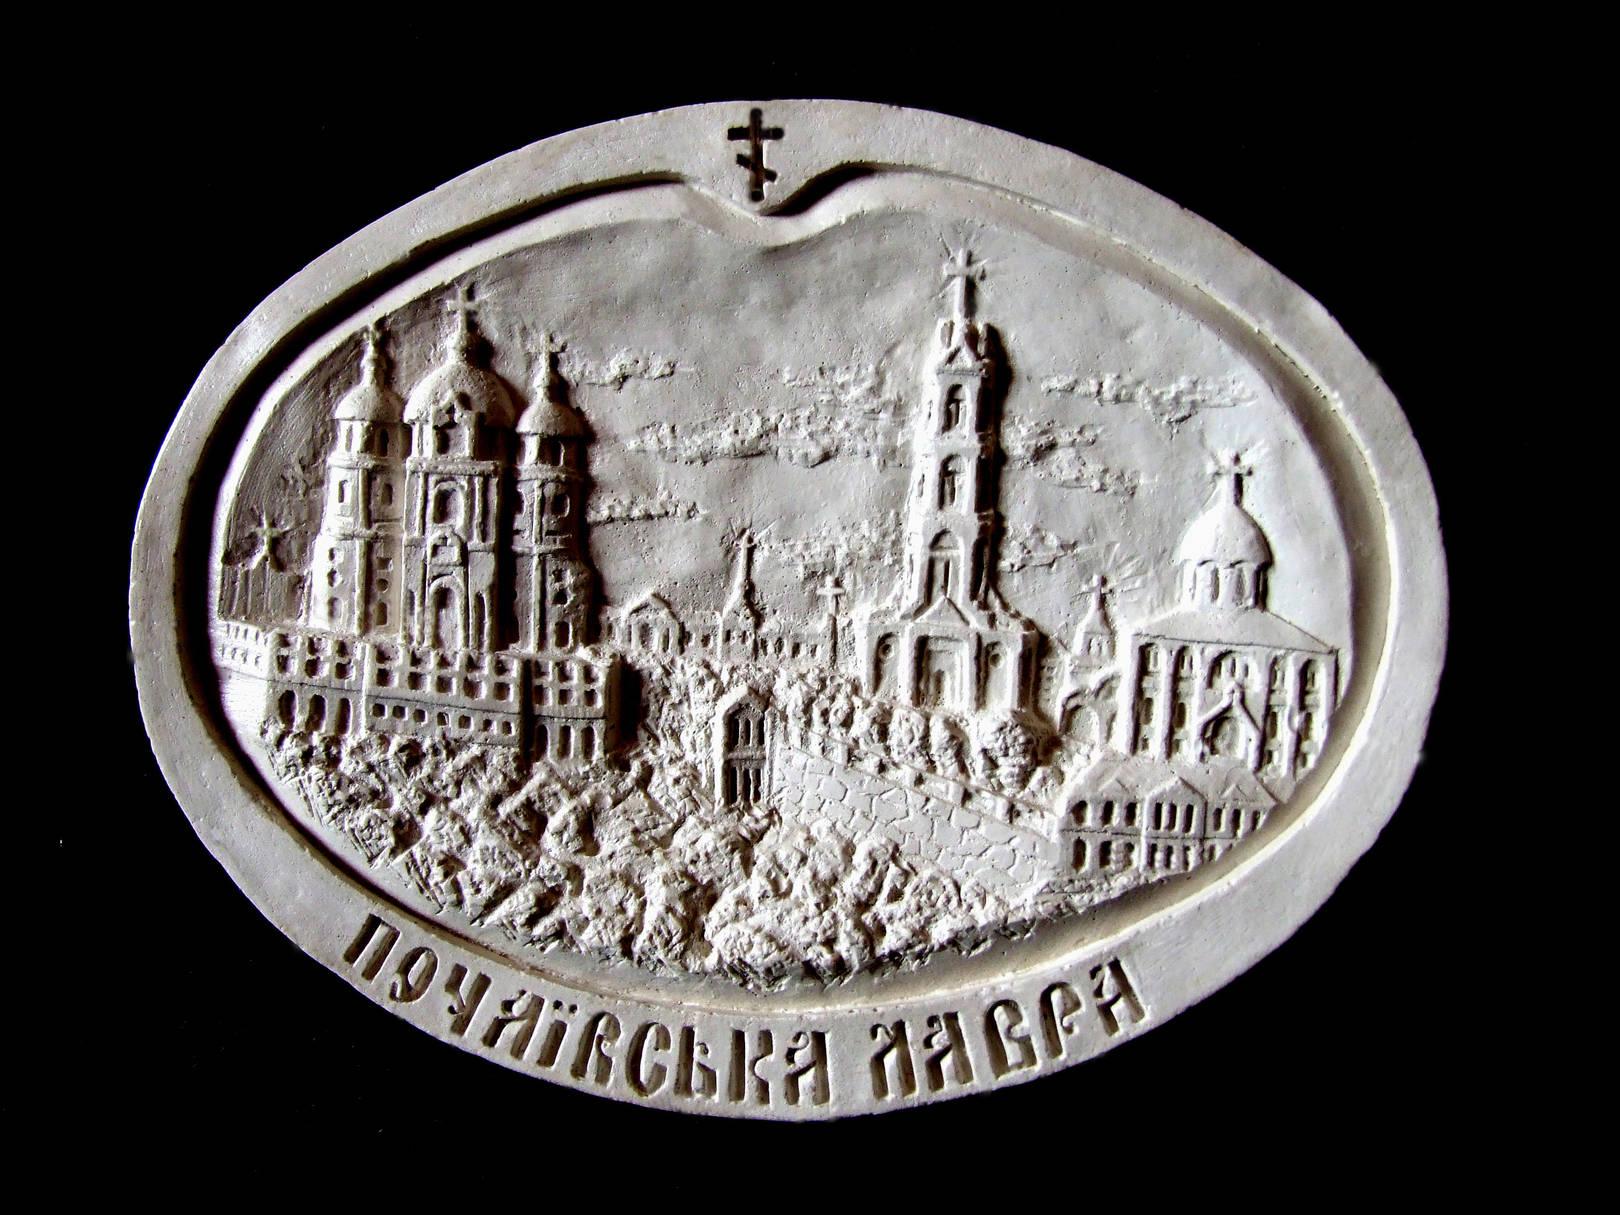 Почаевская лавра.гипс. 250*150 мм.